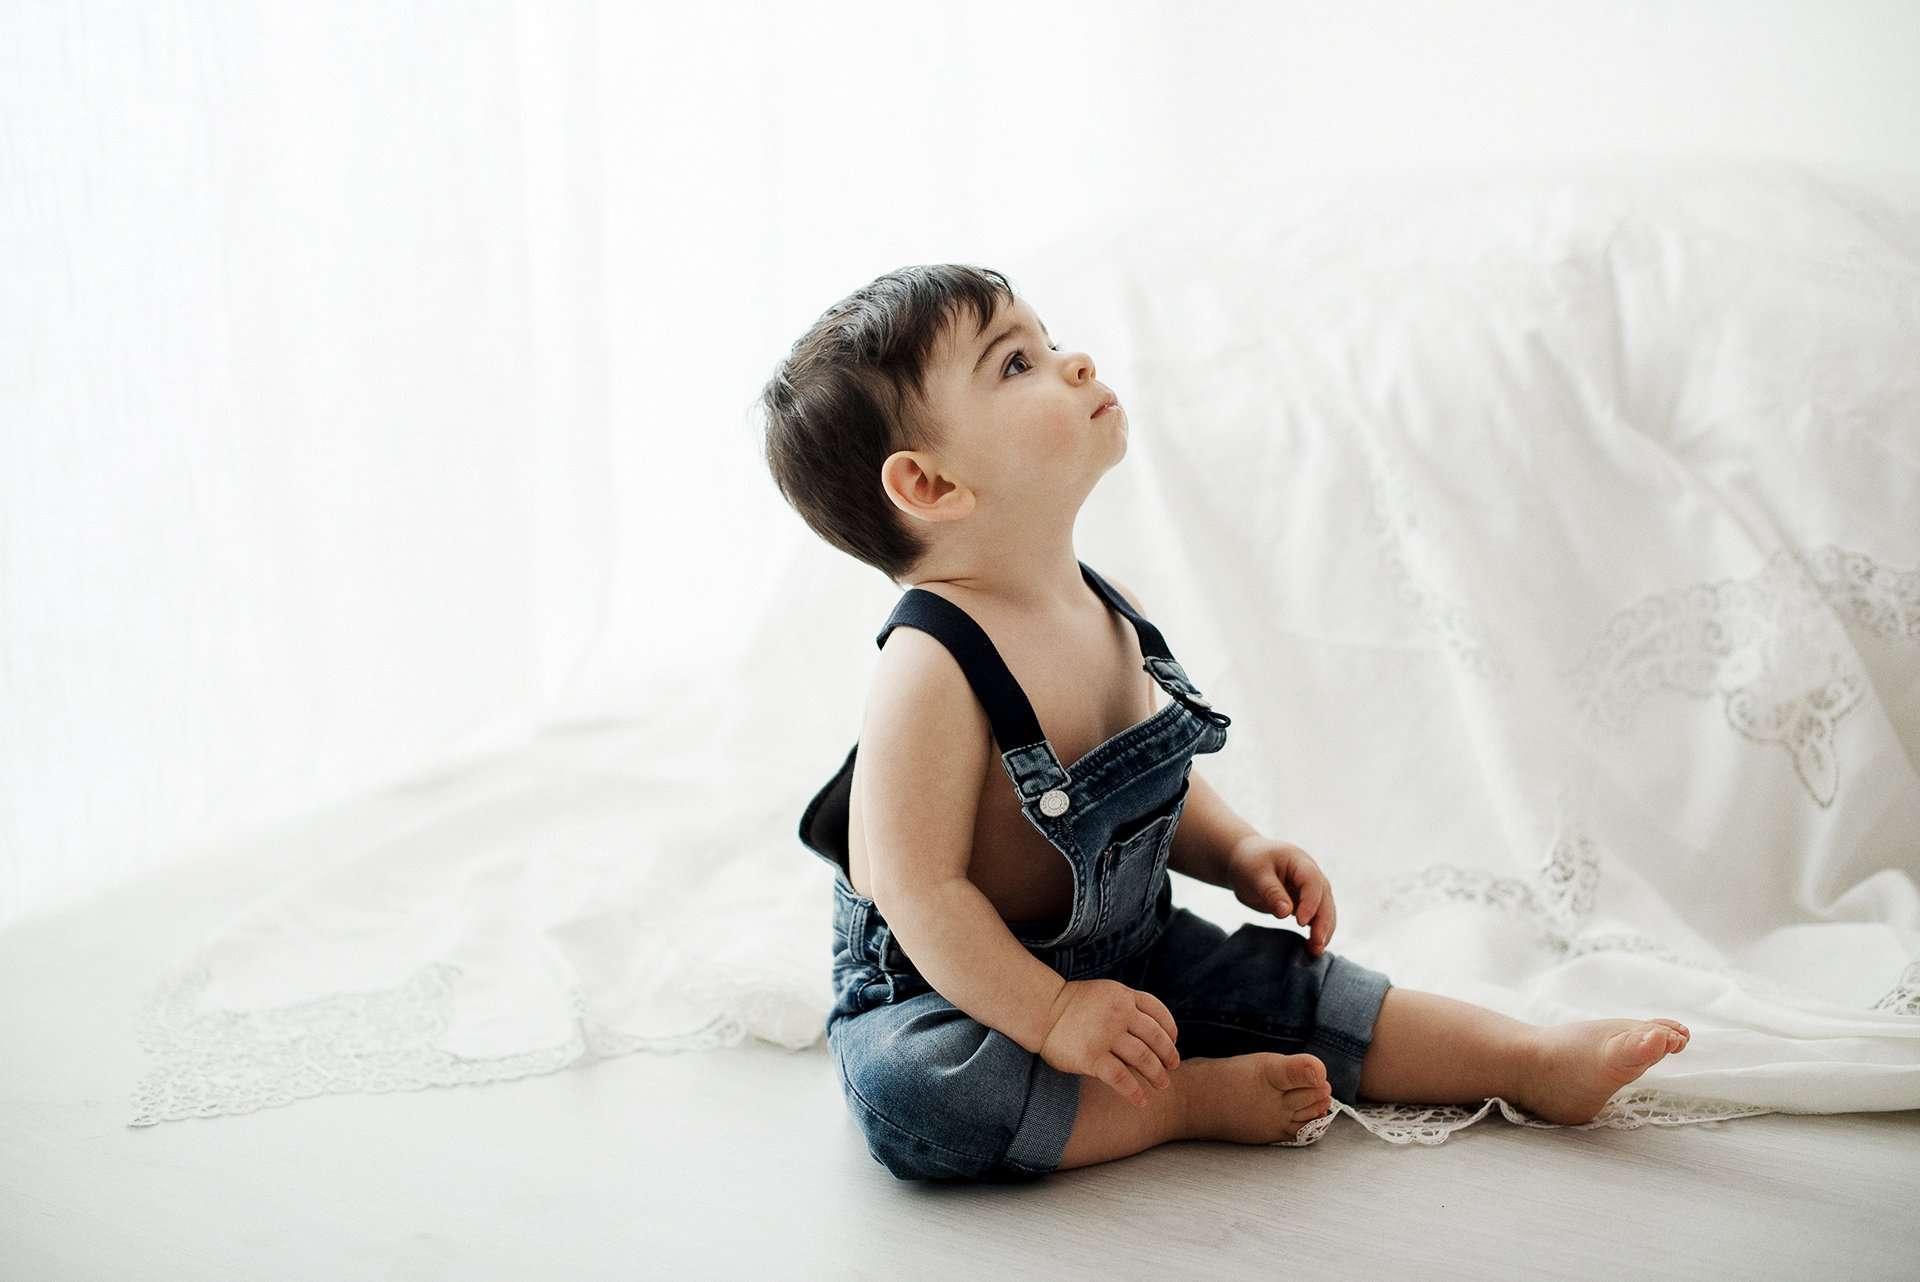 Fotografia bambino con salopette jeans realizzata da Barbara Trincone Fotografo specializzato in Gravidanza, Maternità, Genitorialità, Nascita e Newborn